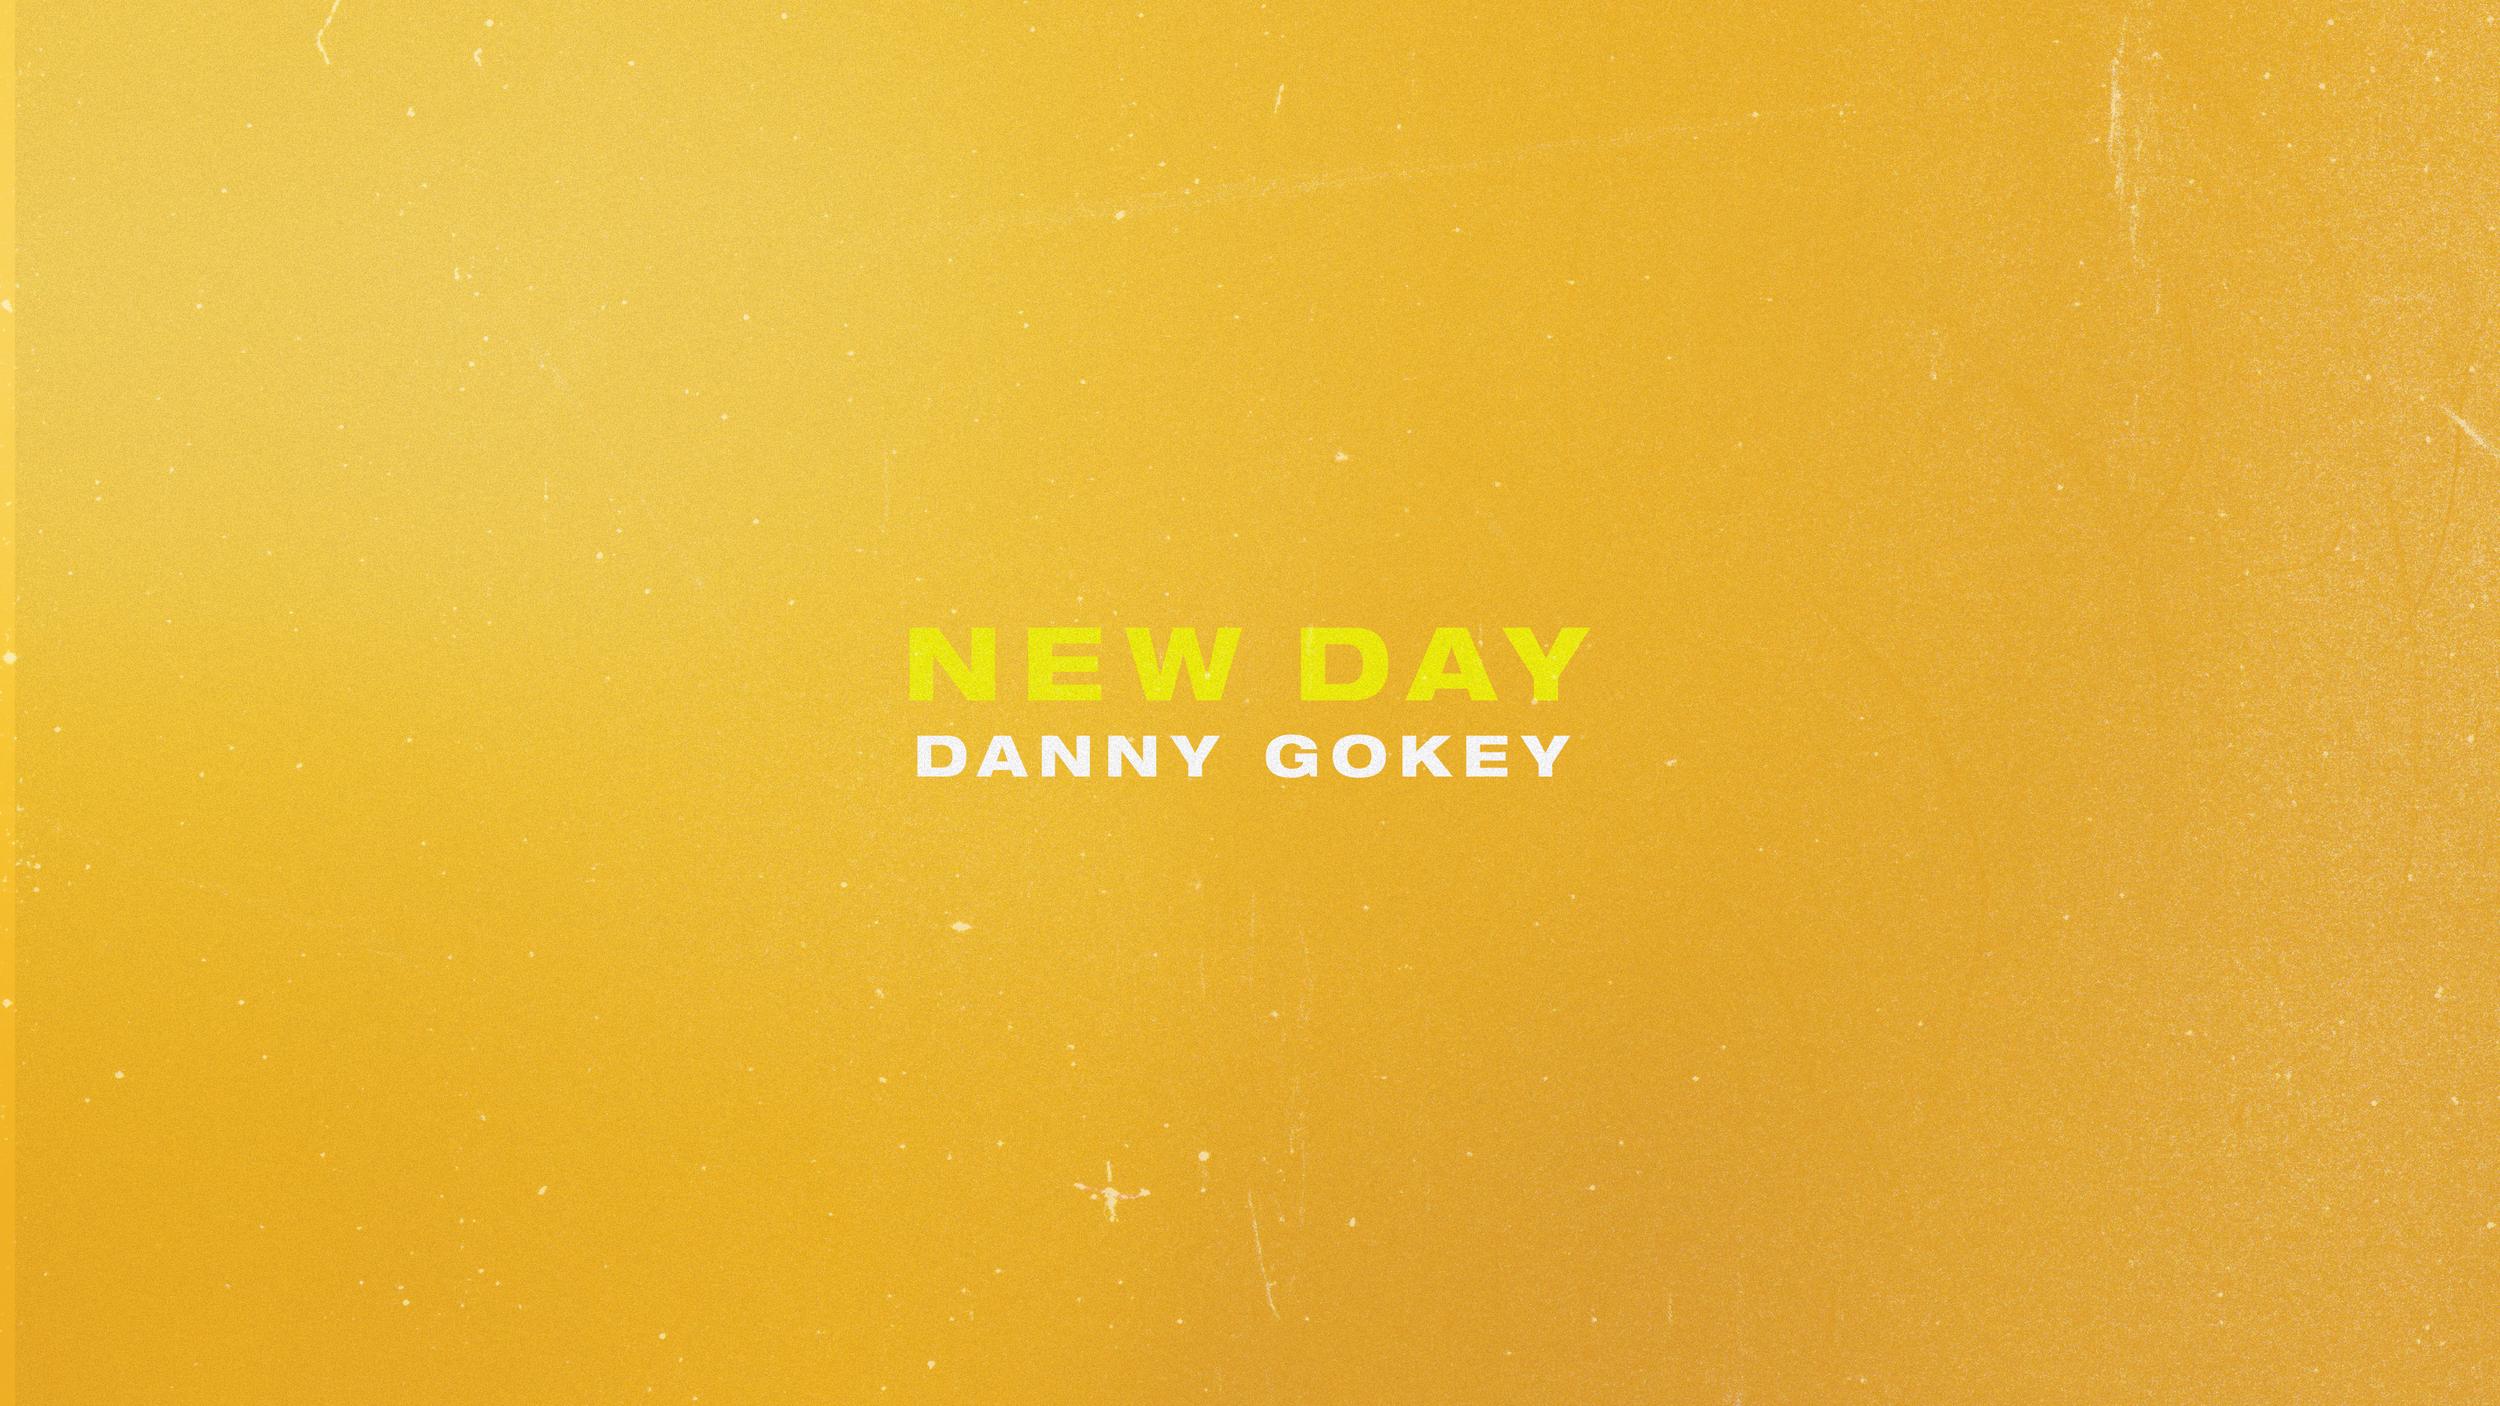 Danny Gokey // New Day